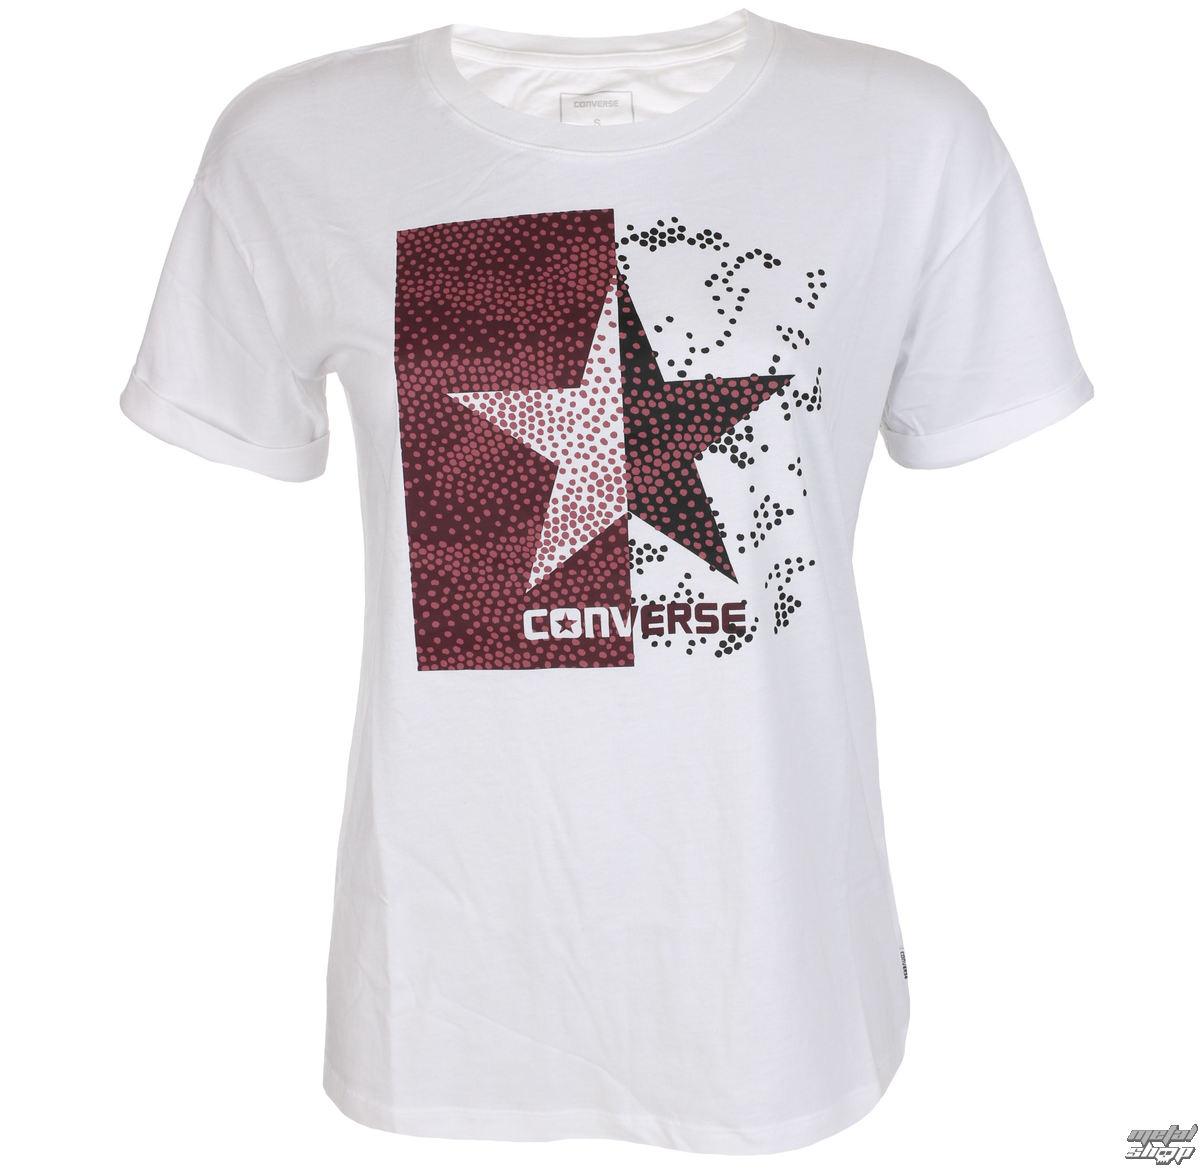 9f621ee46274 t-shirt street women s - Dot Camo Star Feasy - CONVERSE - 10005389-A01 -  metal-shop.eu